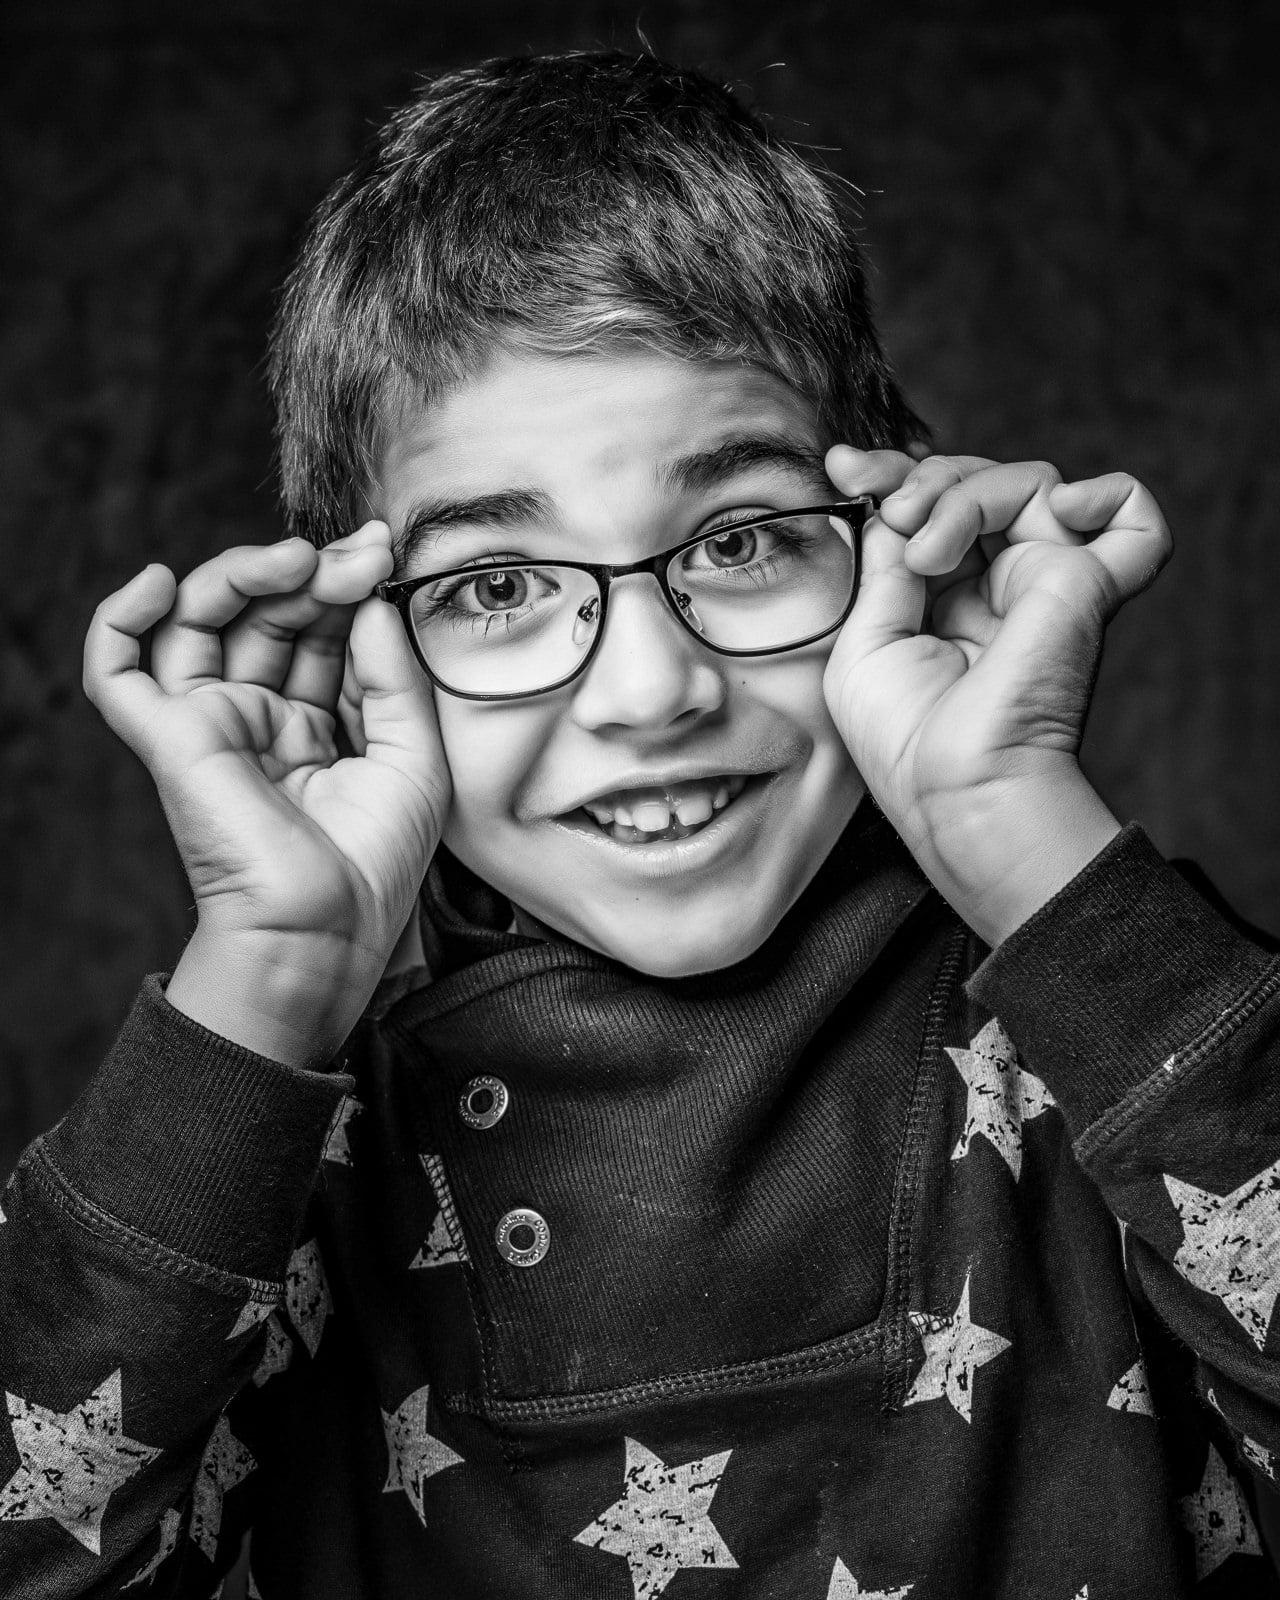 Witzgall Fotografie - Kinder